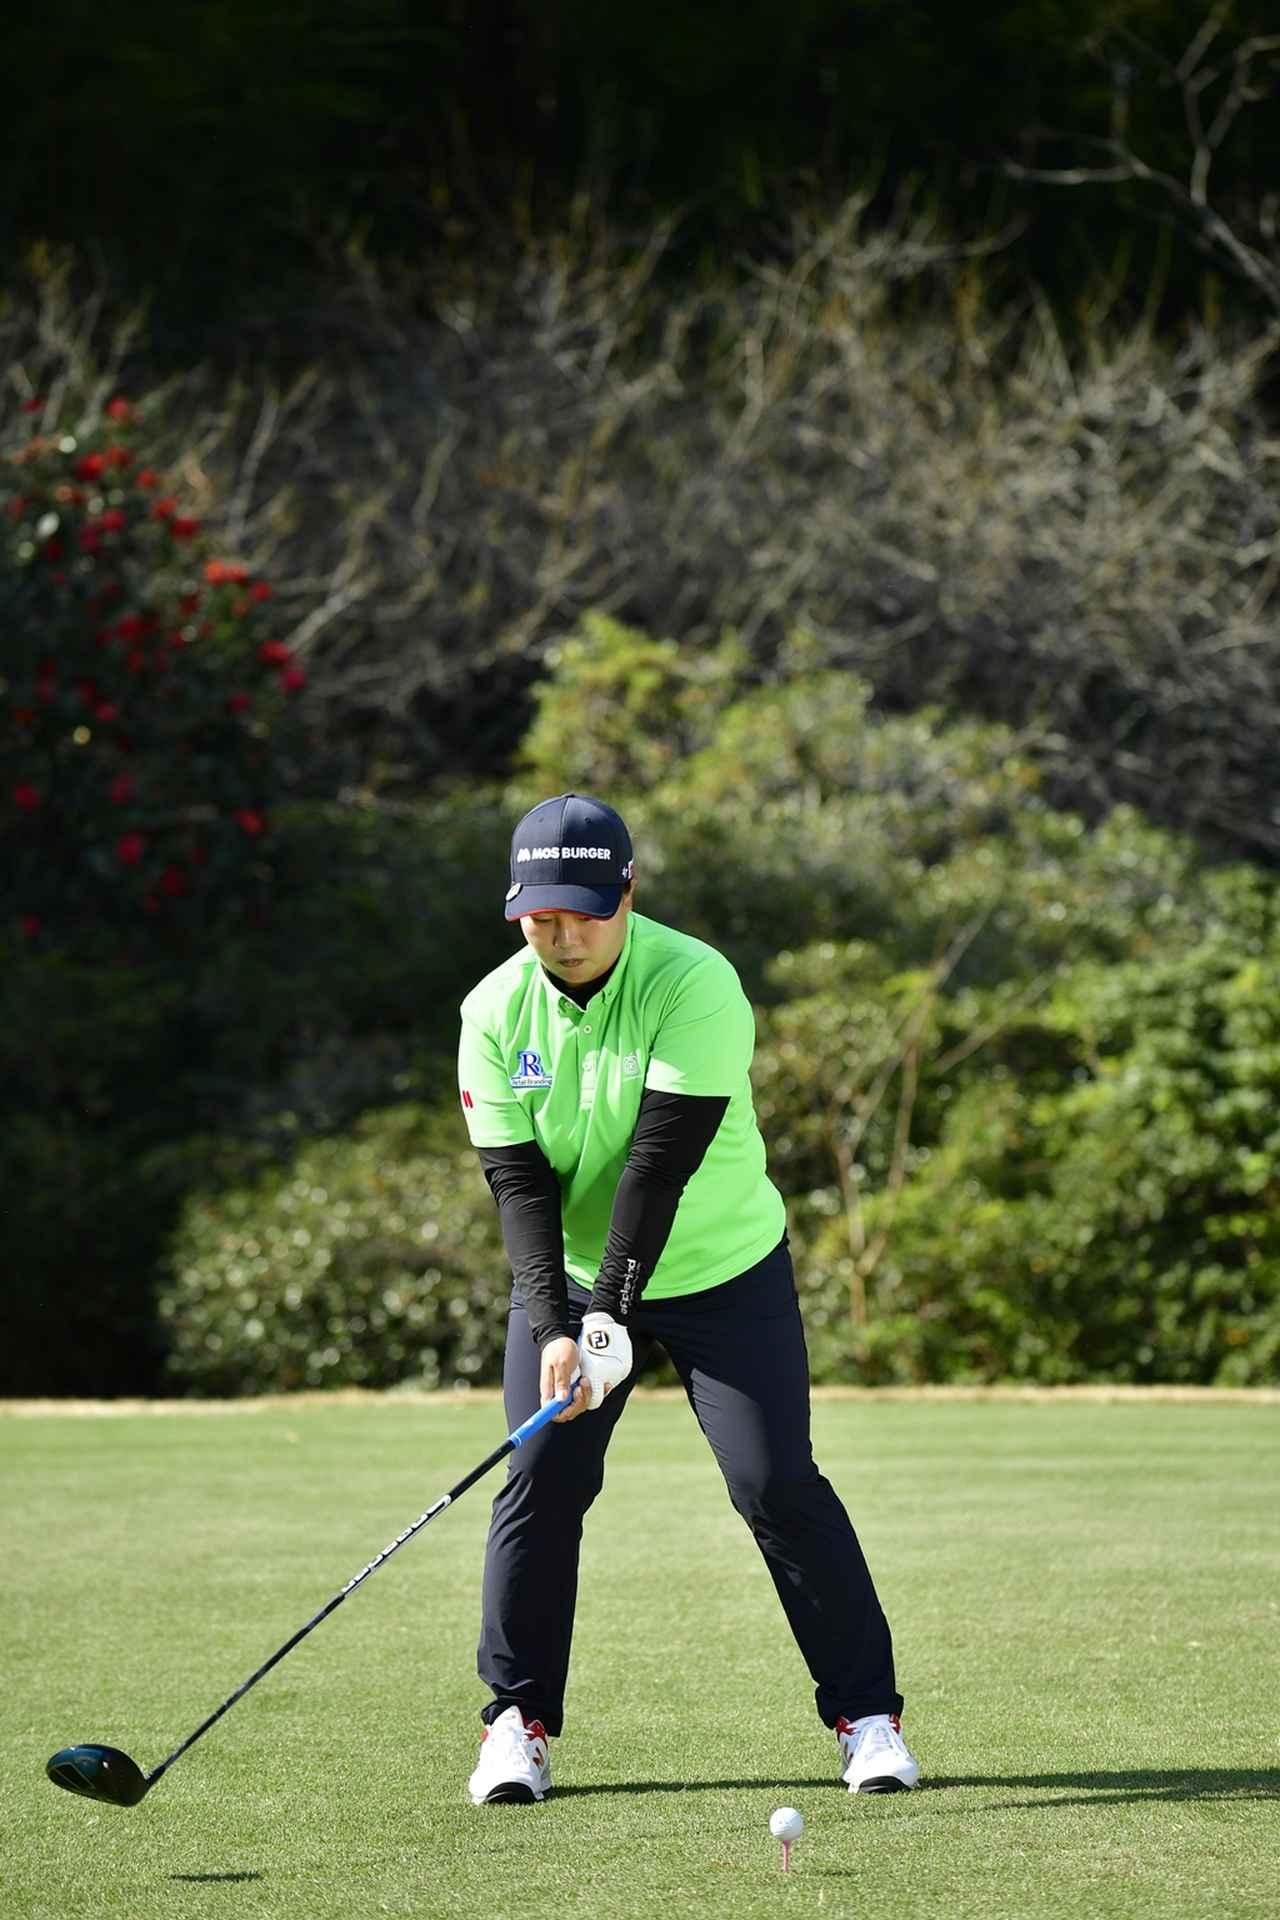 画像 : 2番目の画像 - アン・ソンジュのドライバー連続写真 - みんなのゴルフダイジェスト